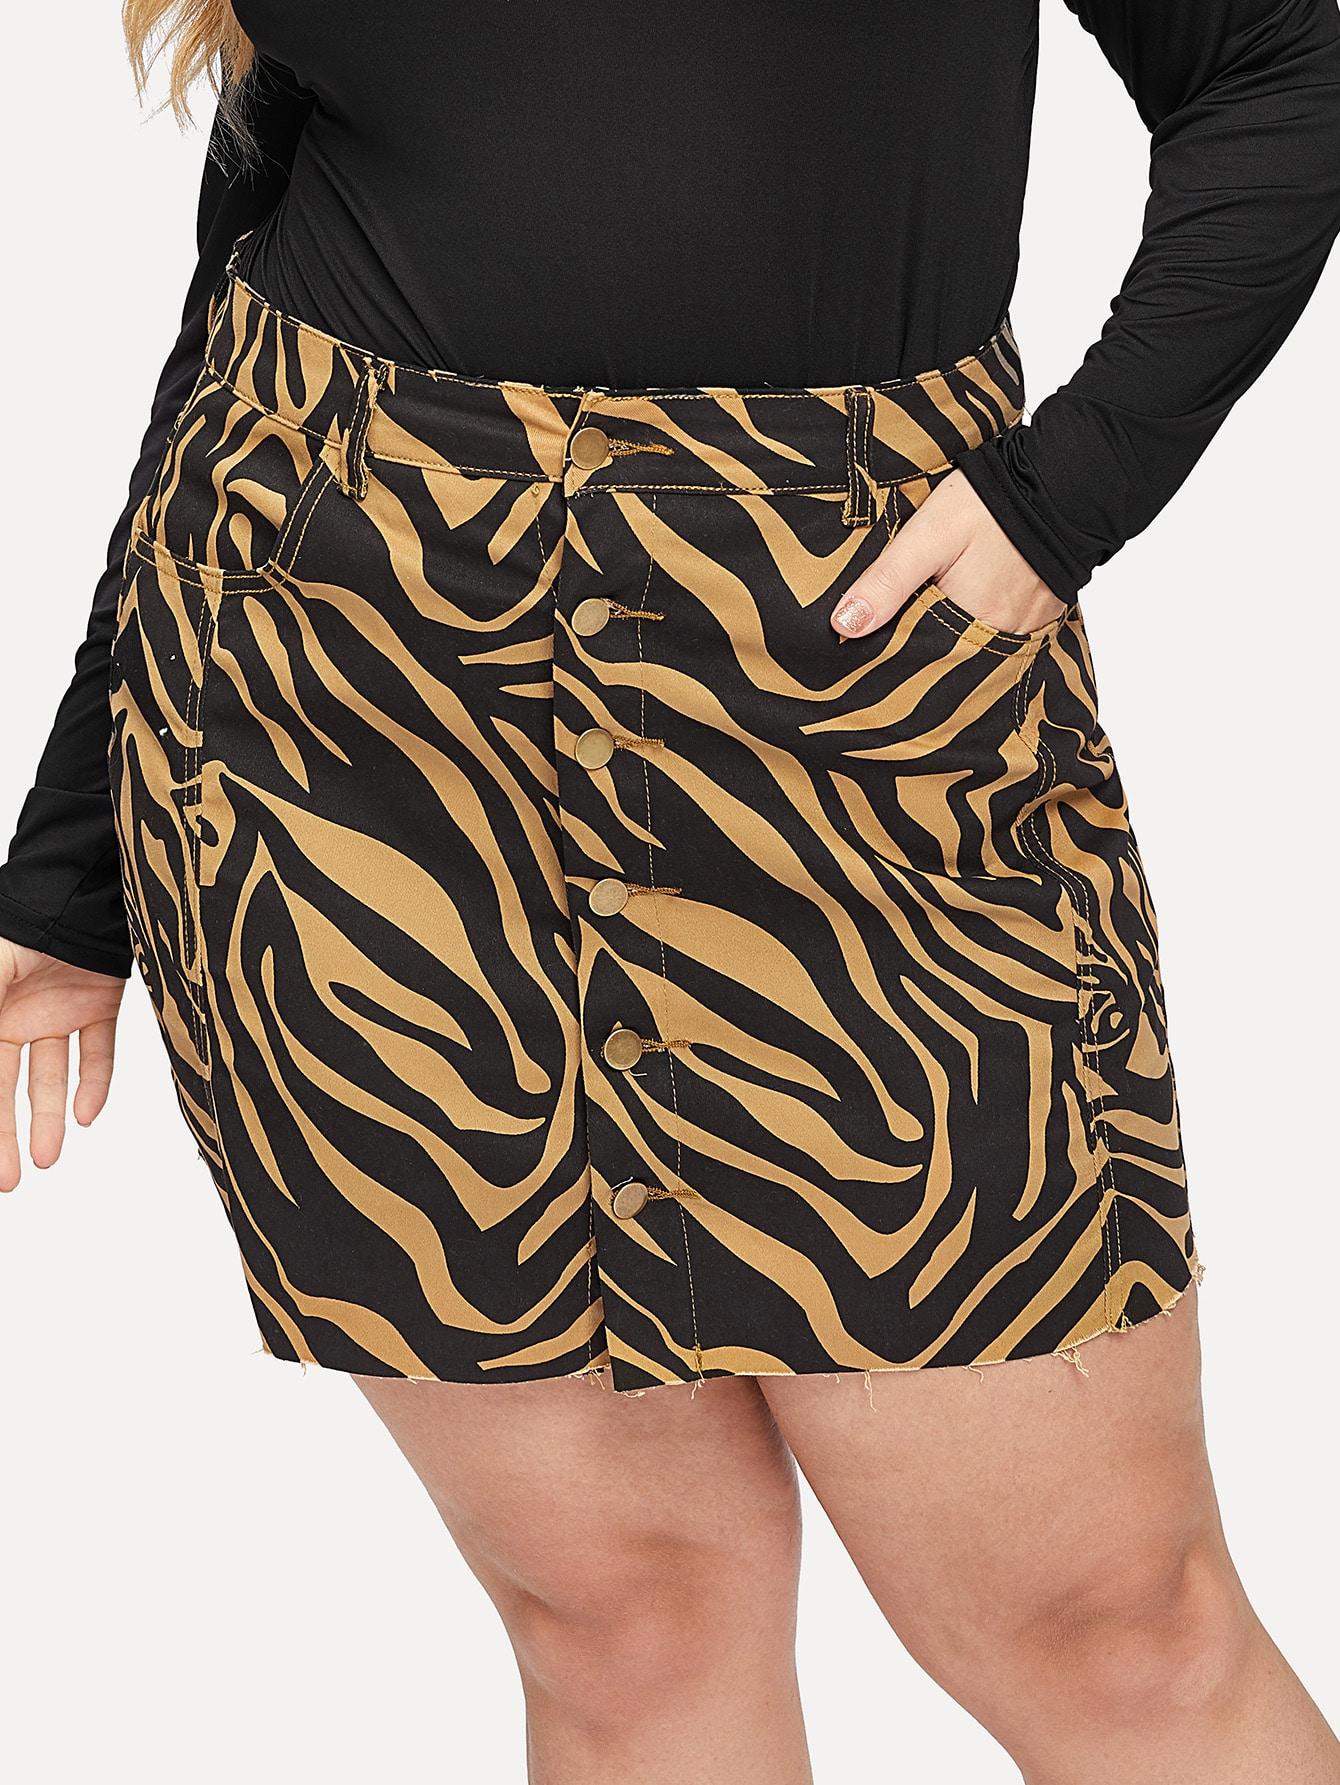 Купить Размера плюс джинсовая юбка с необработанным краем и зебра-полосатым принтом, Sasha O, SheIn